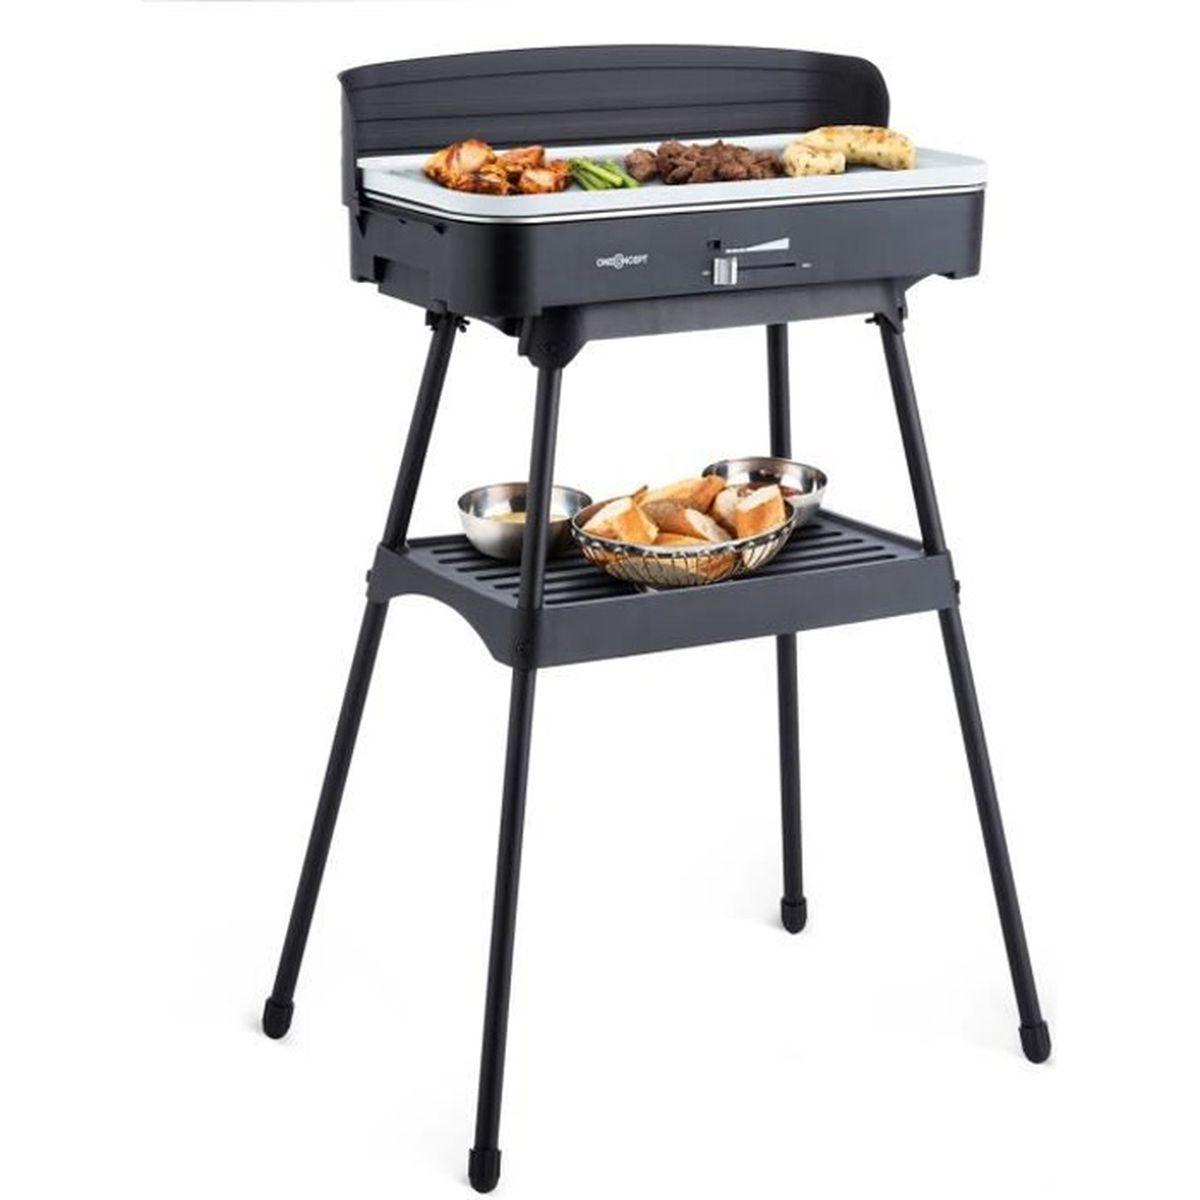 Oneconcept Porterhouse Barbecue Electrique Sur Pied Grill De